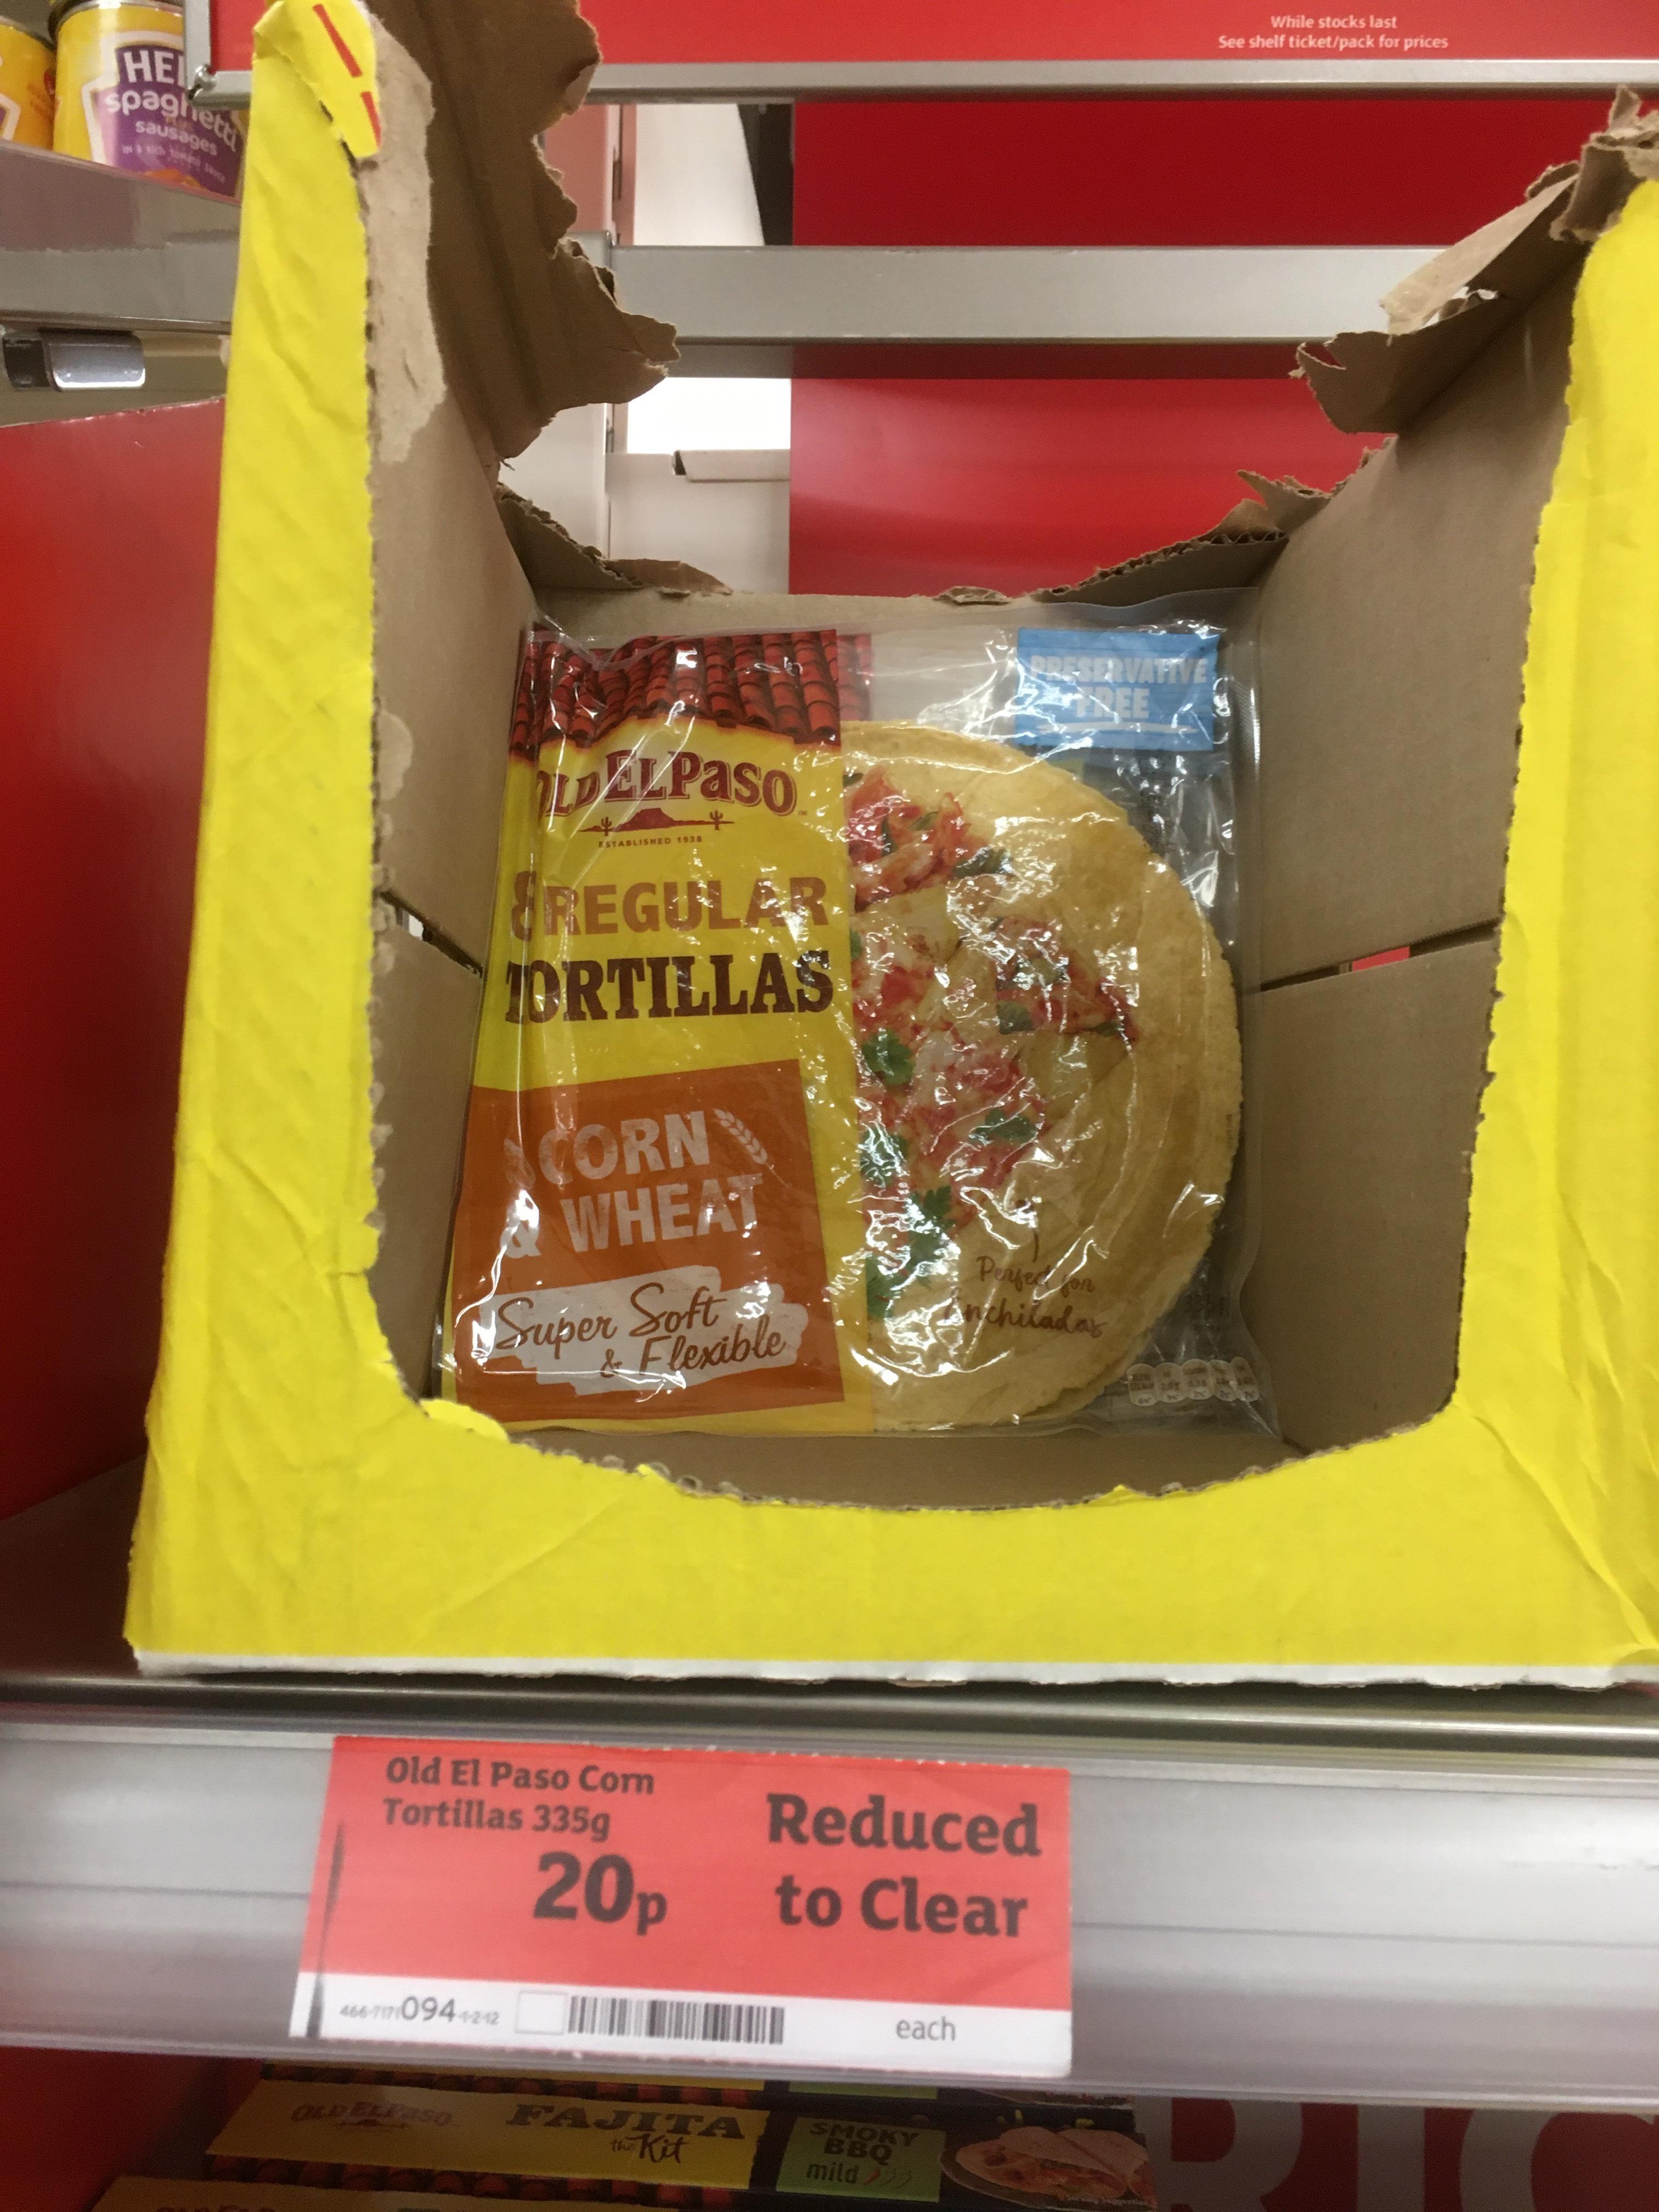 Old El Passo Corn Tortillas 20p @ Sainsbury's Oswestry Branch.